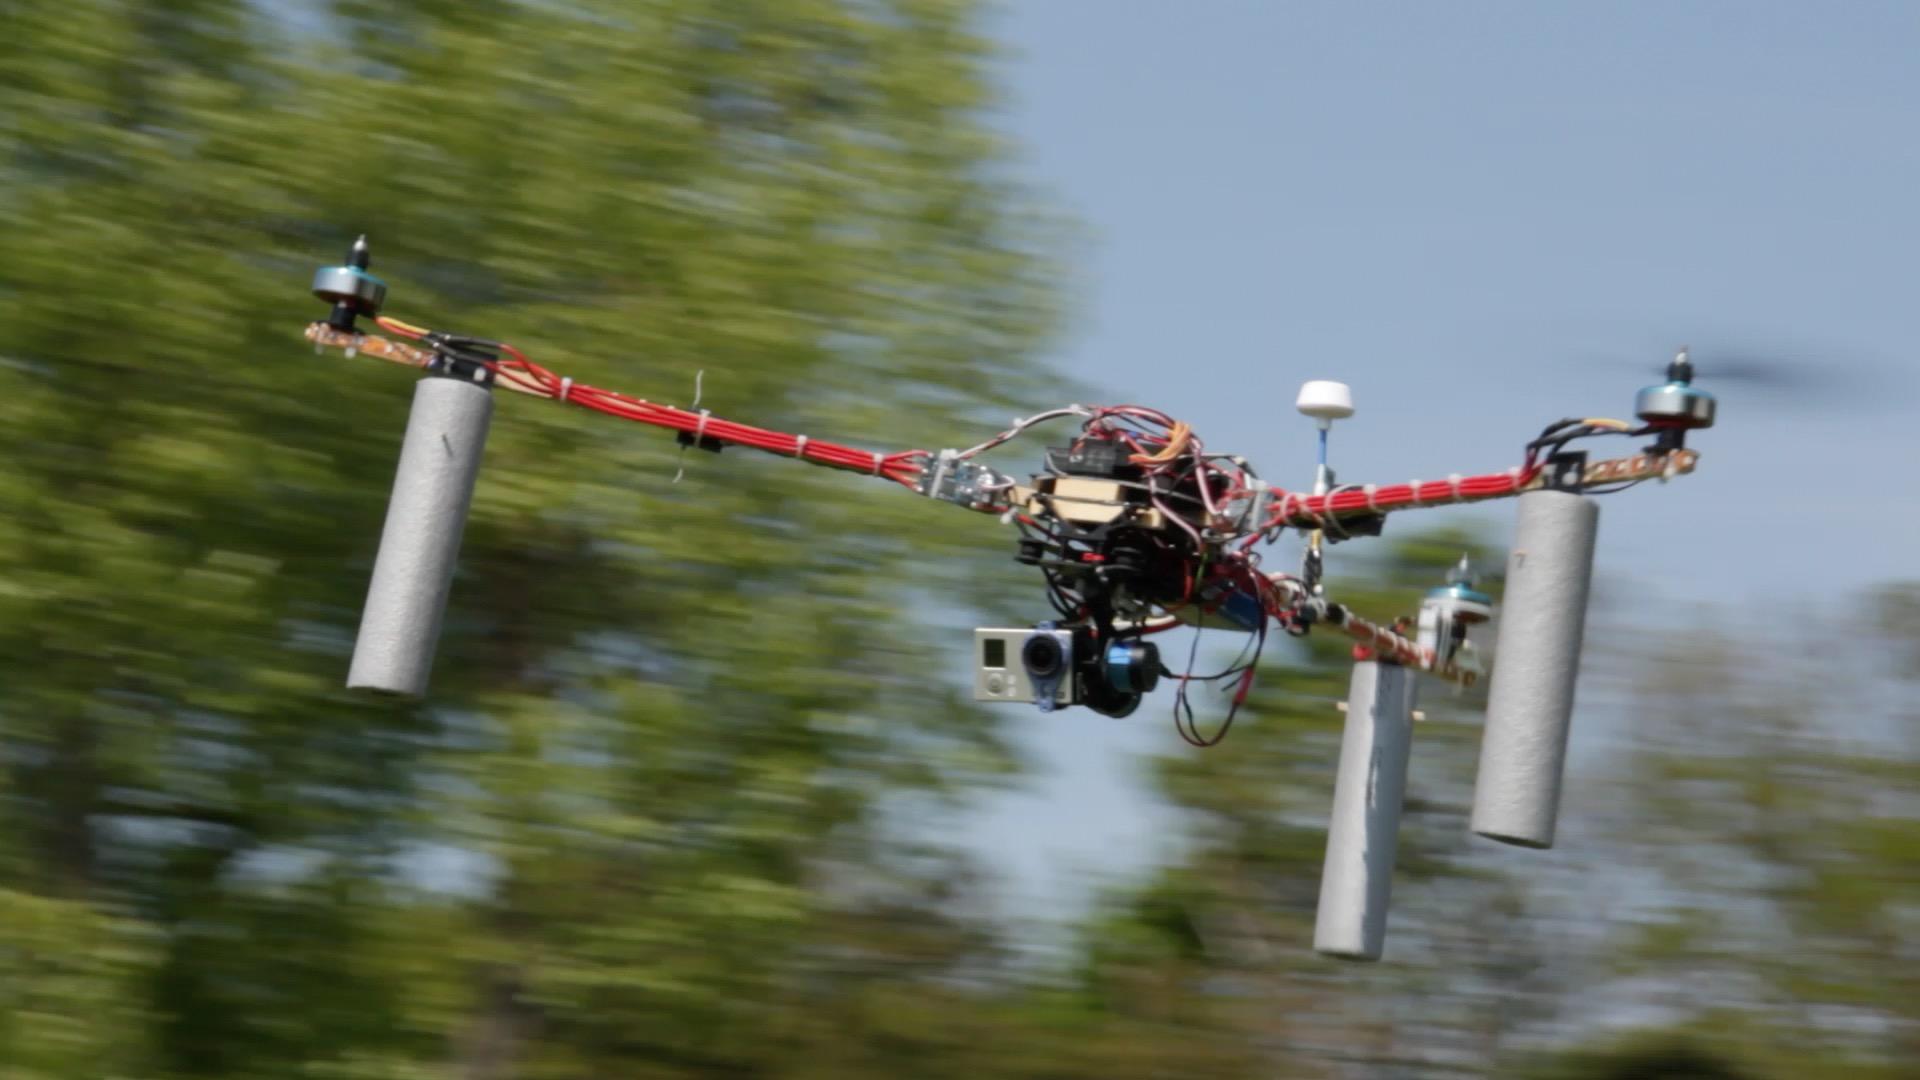 Ist das eine Drohne?